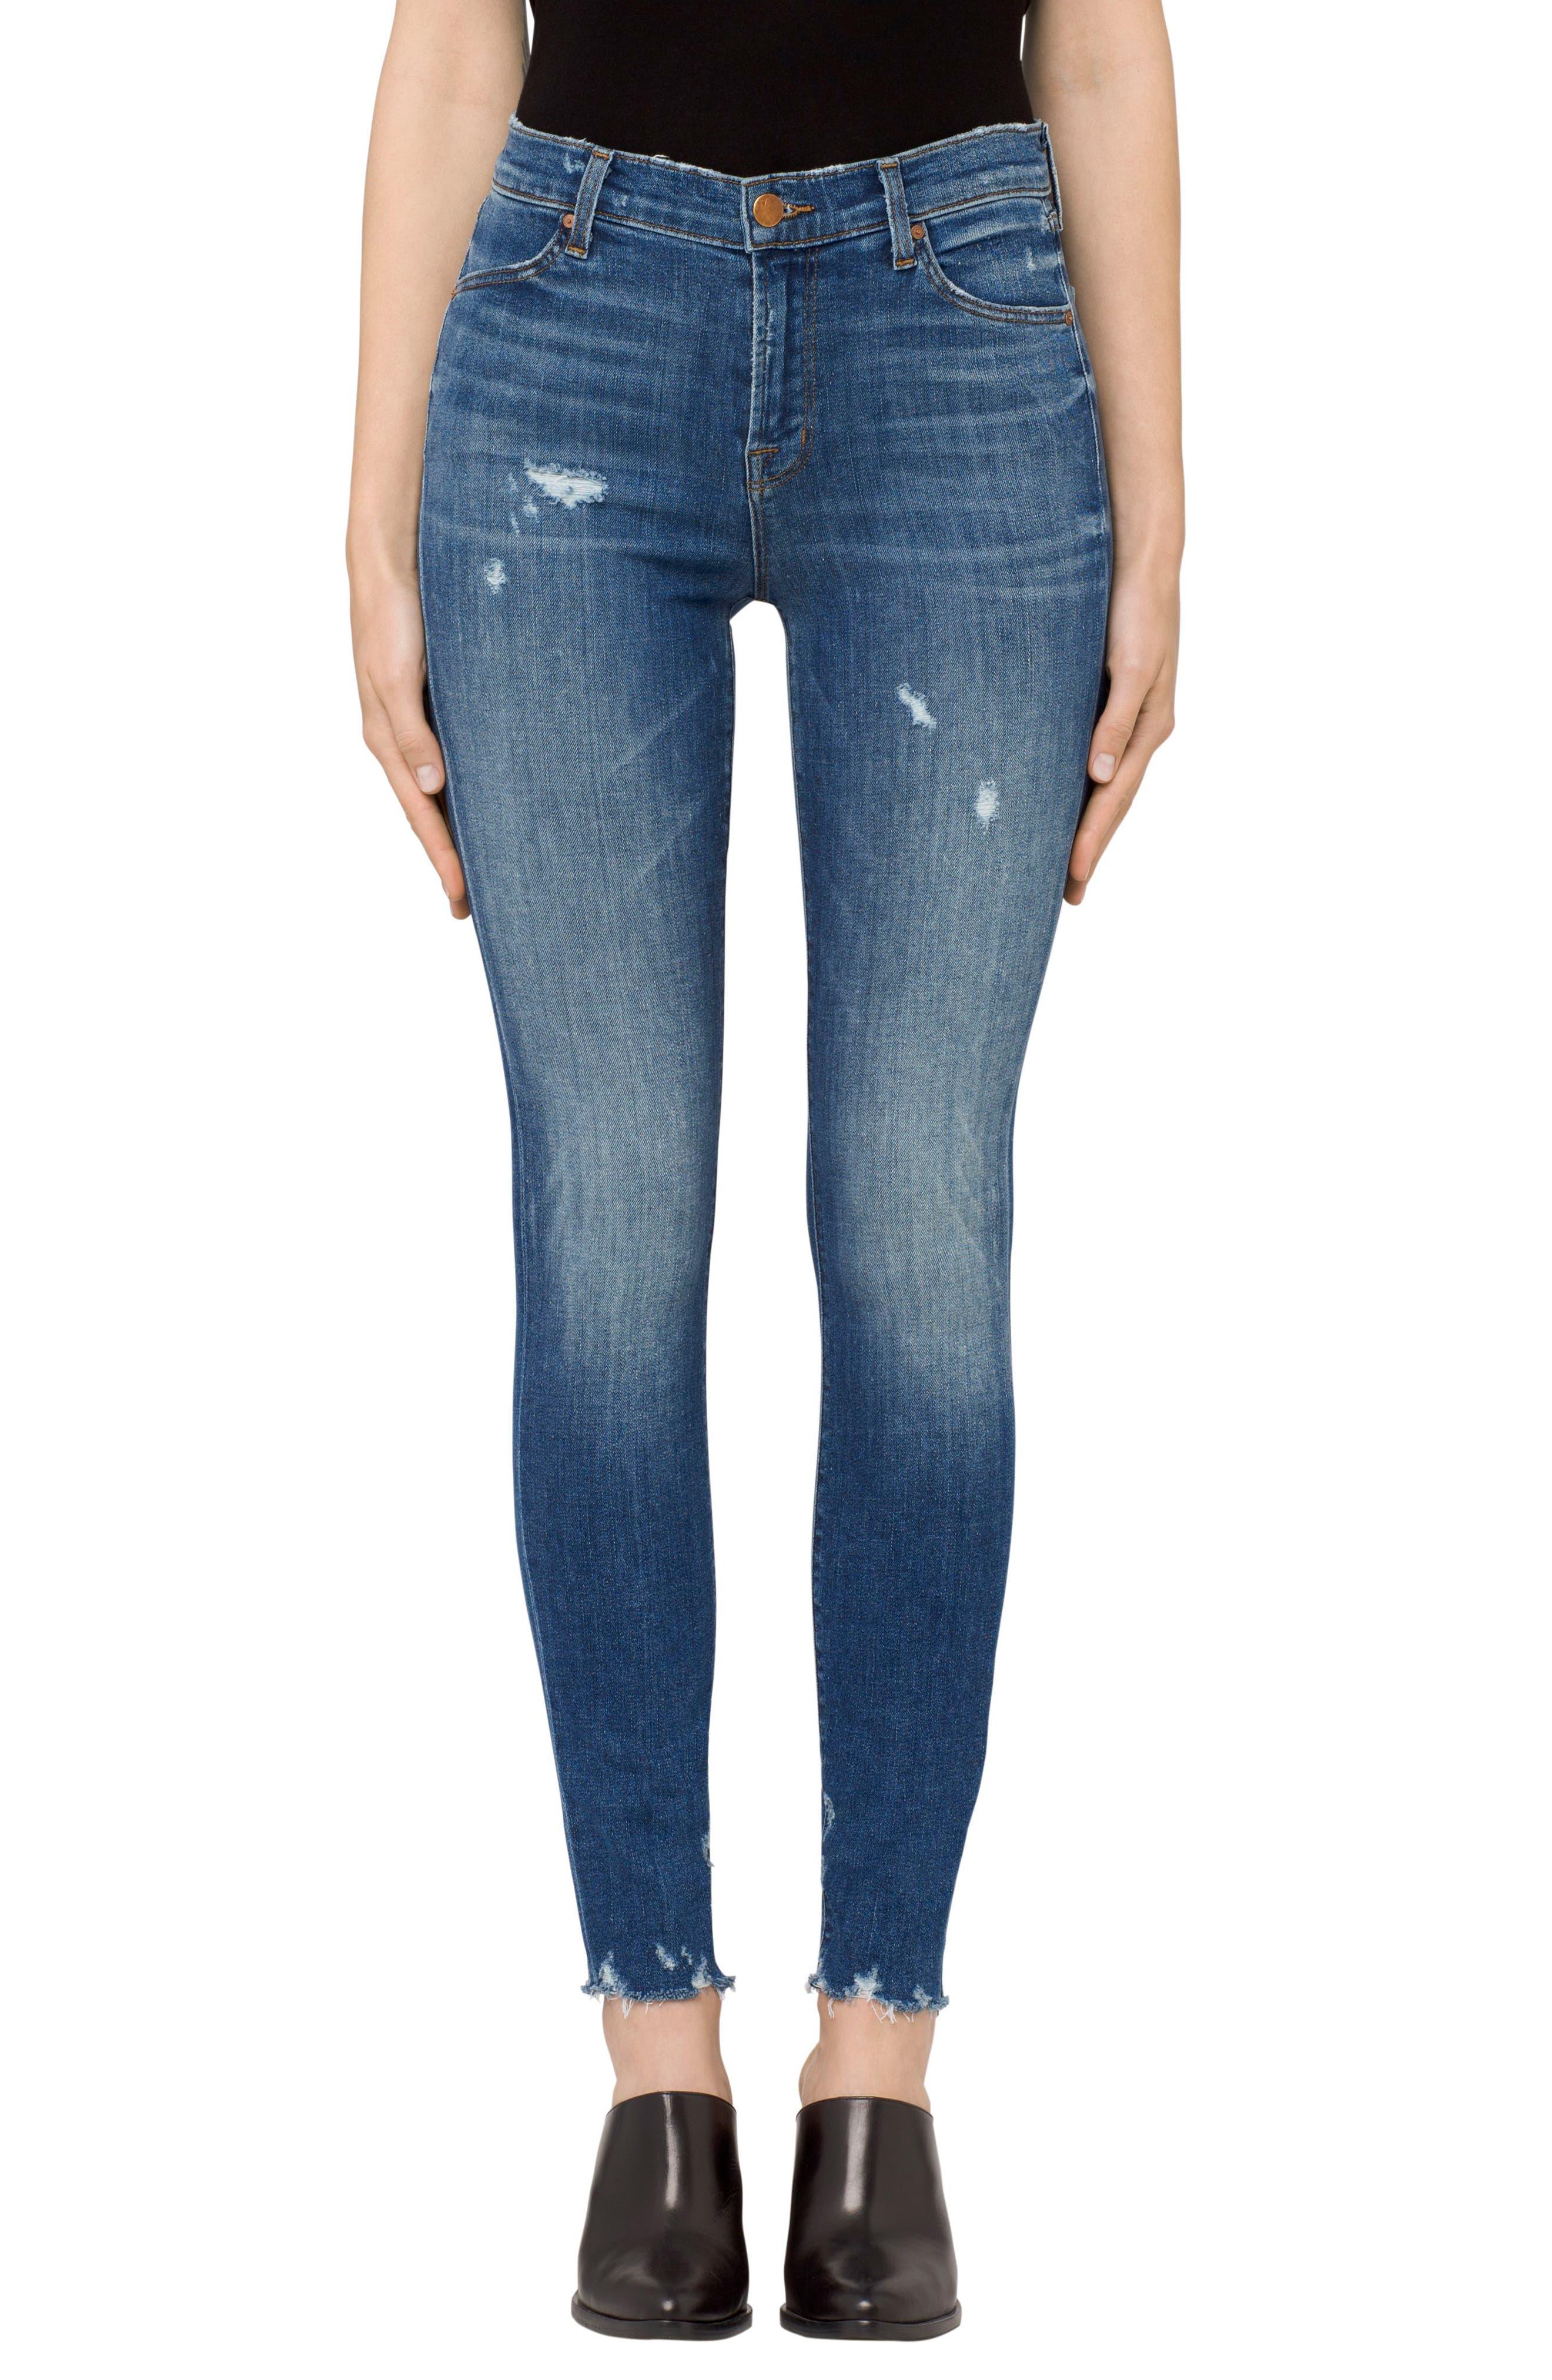 J Brand Jeans Logo J Brand Jeans Logo | w...